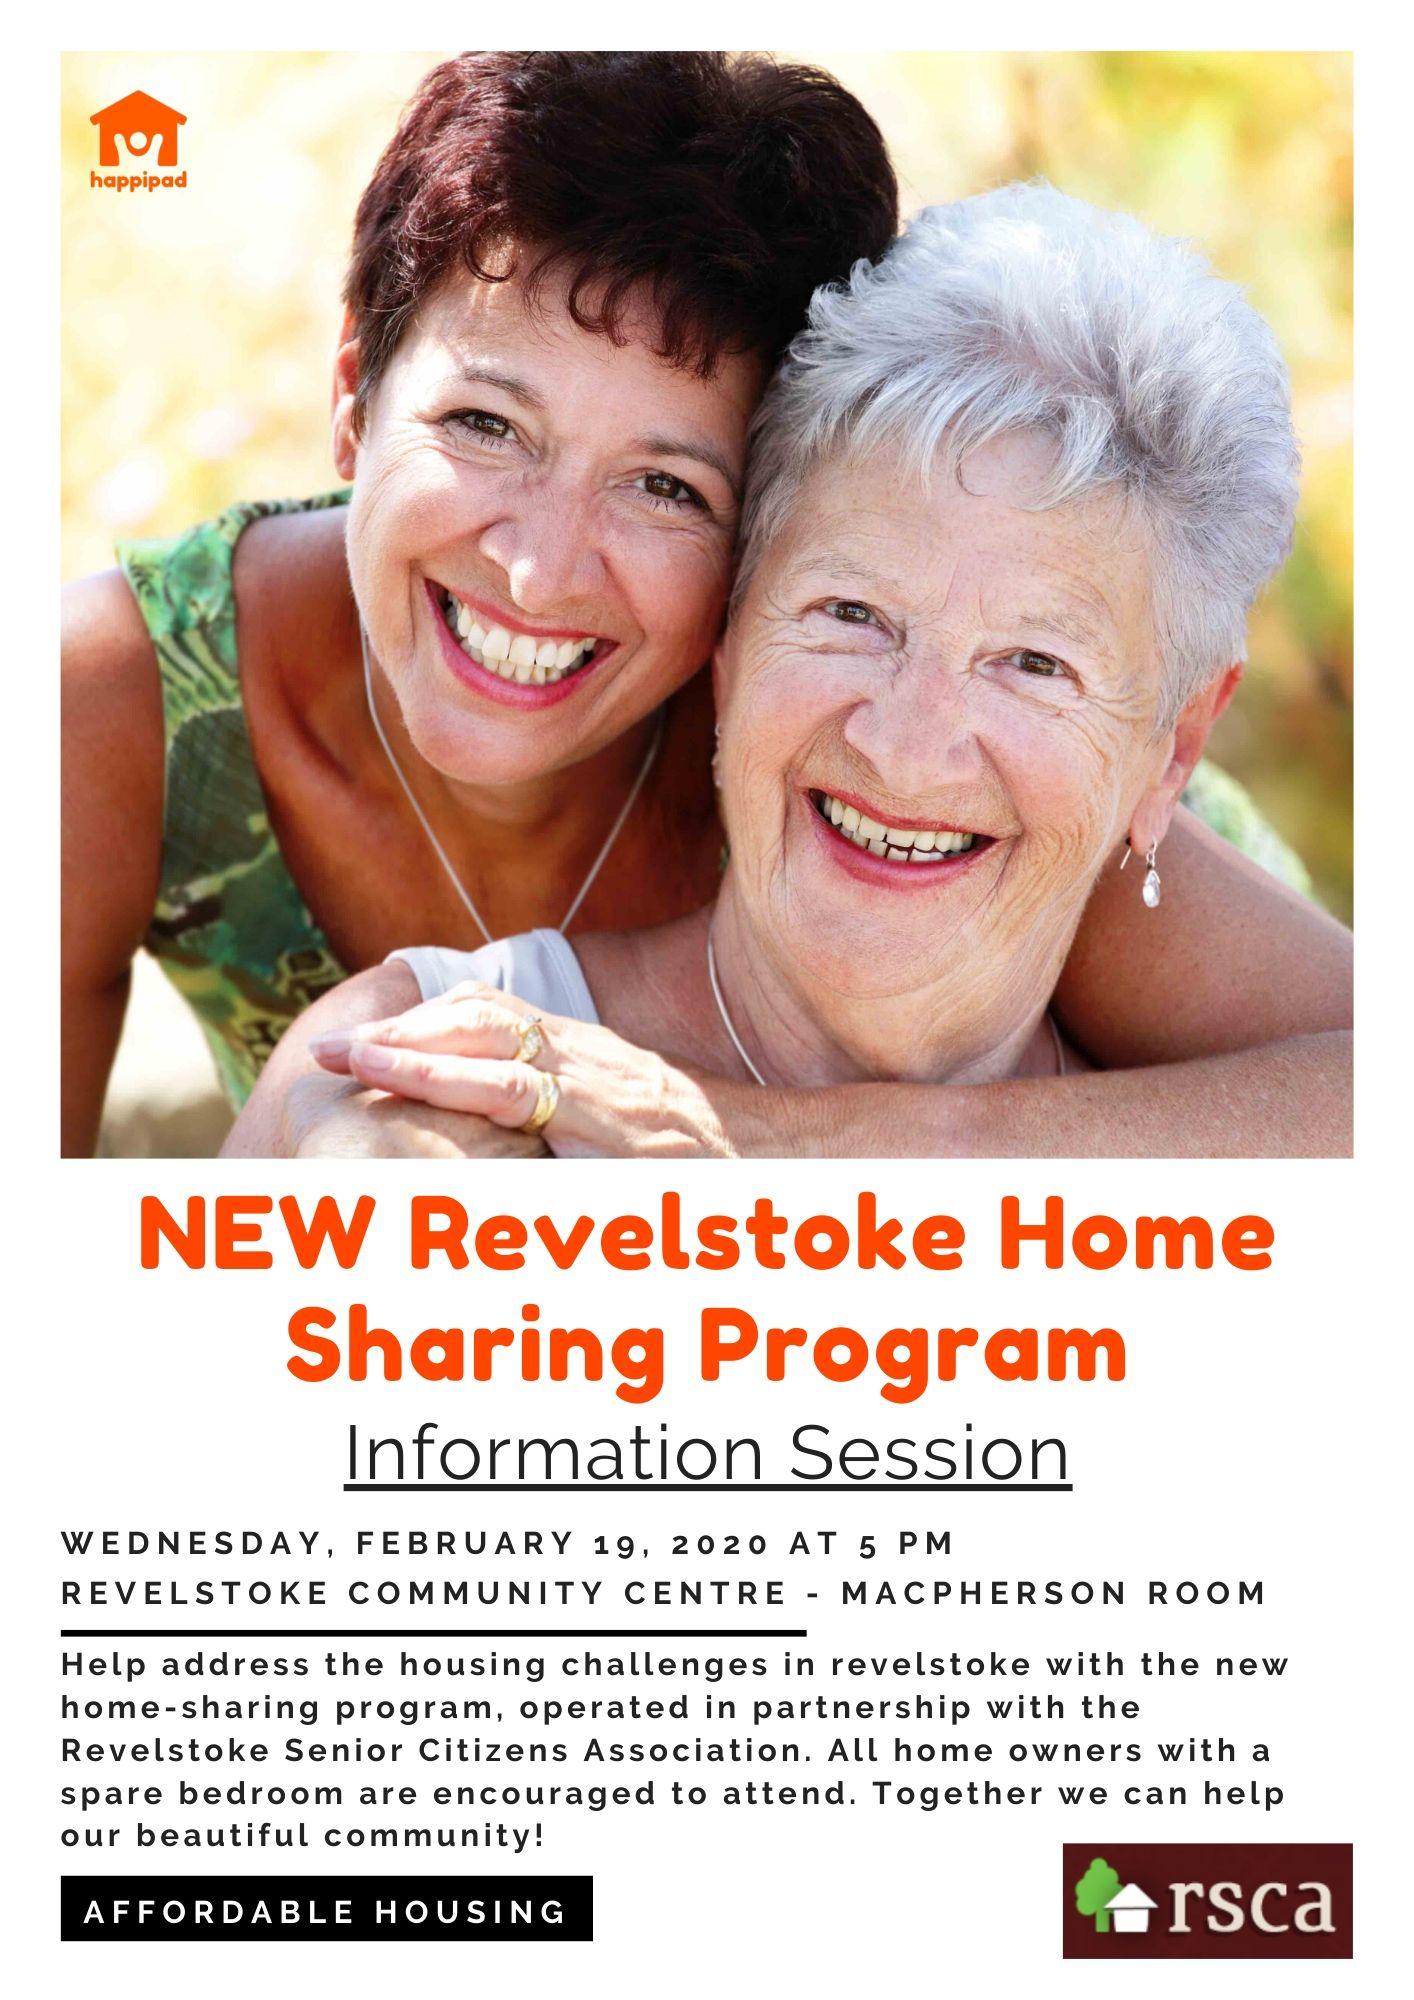 NEW Revelstoke Home Sharing Program – Information Session